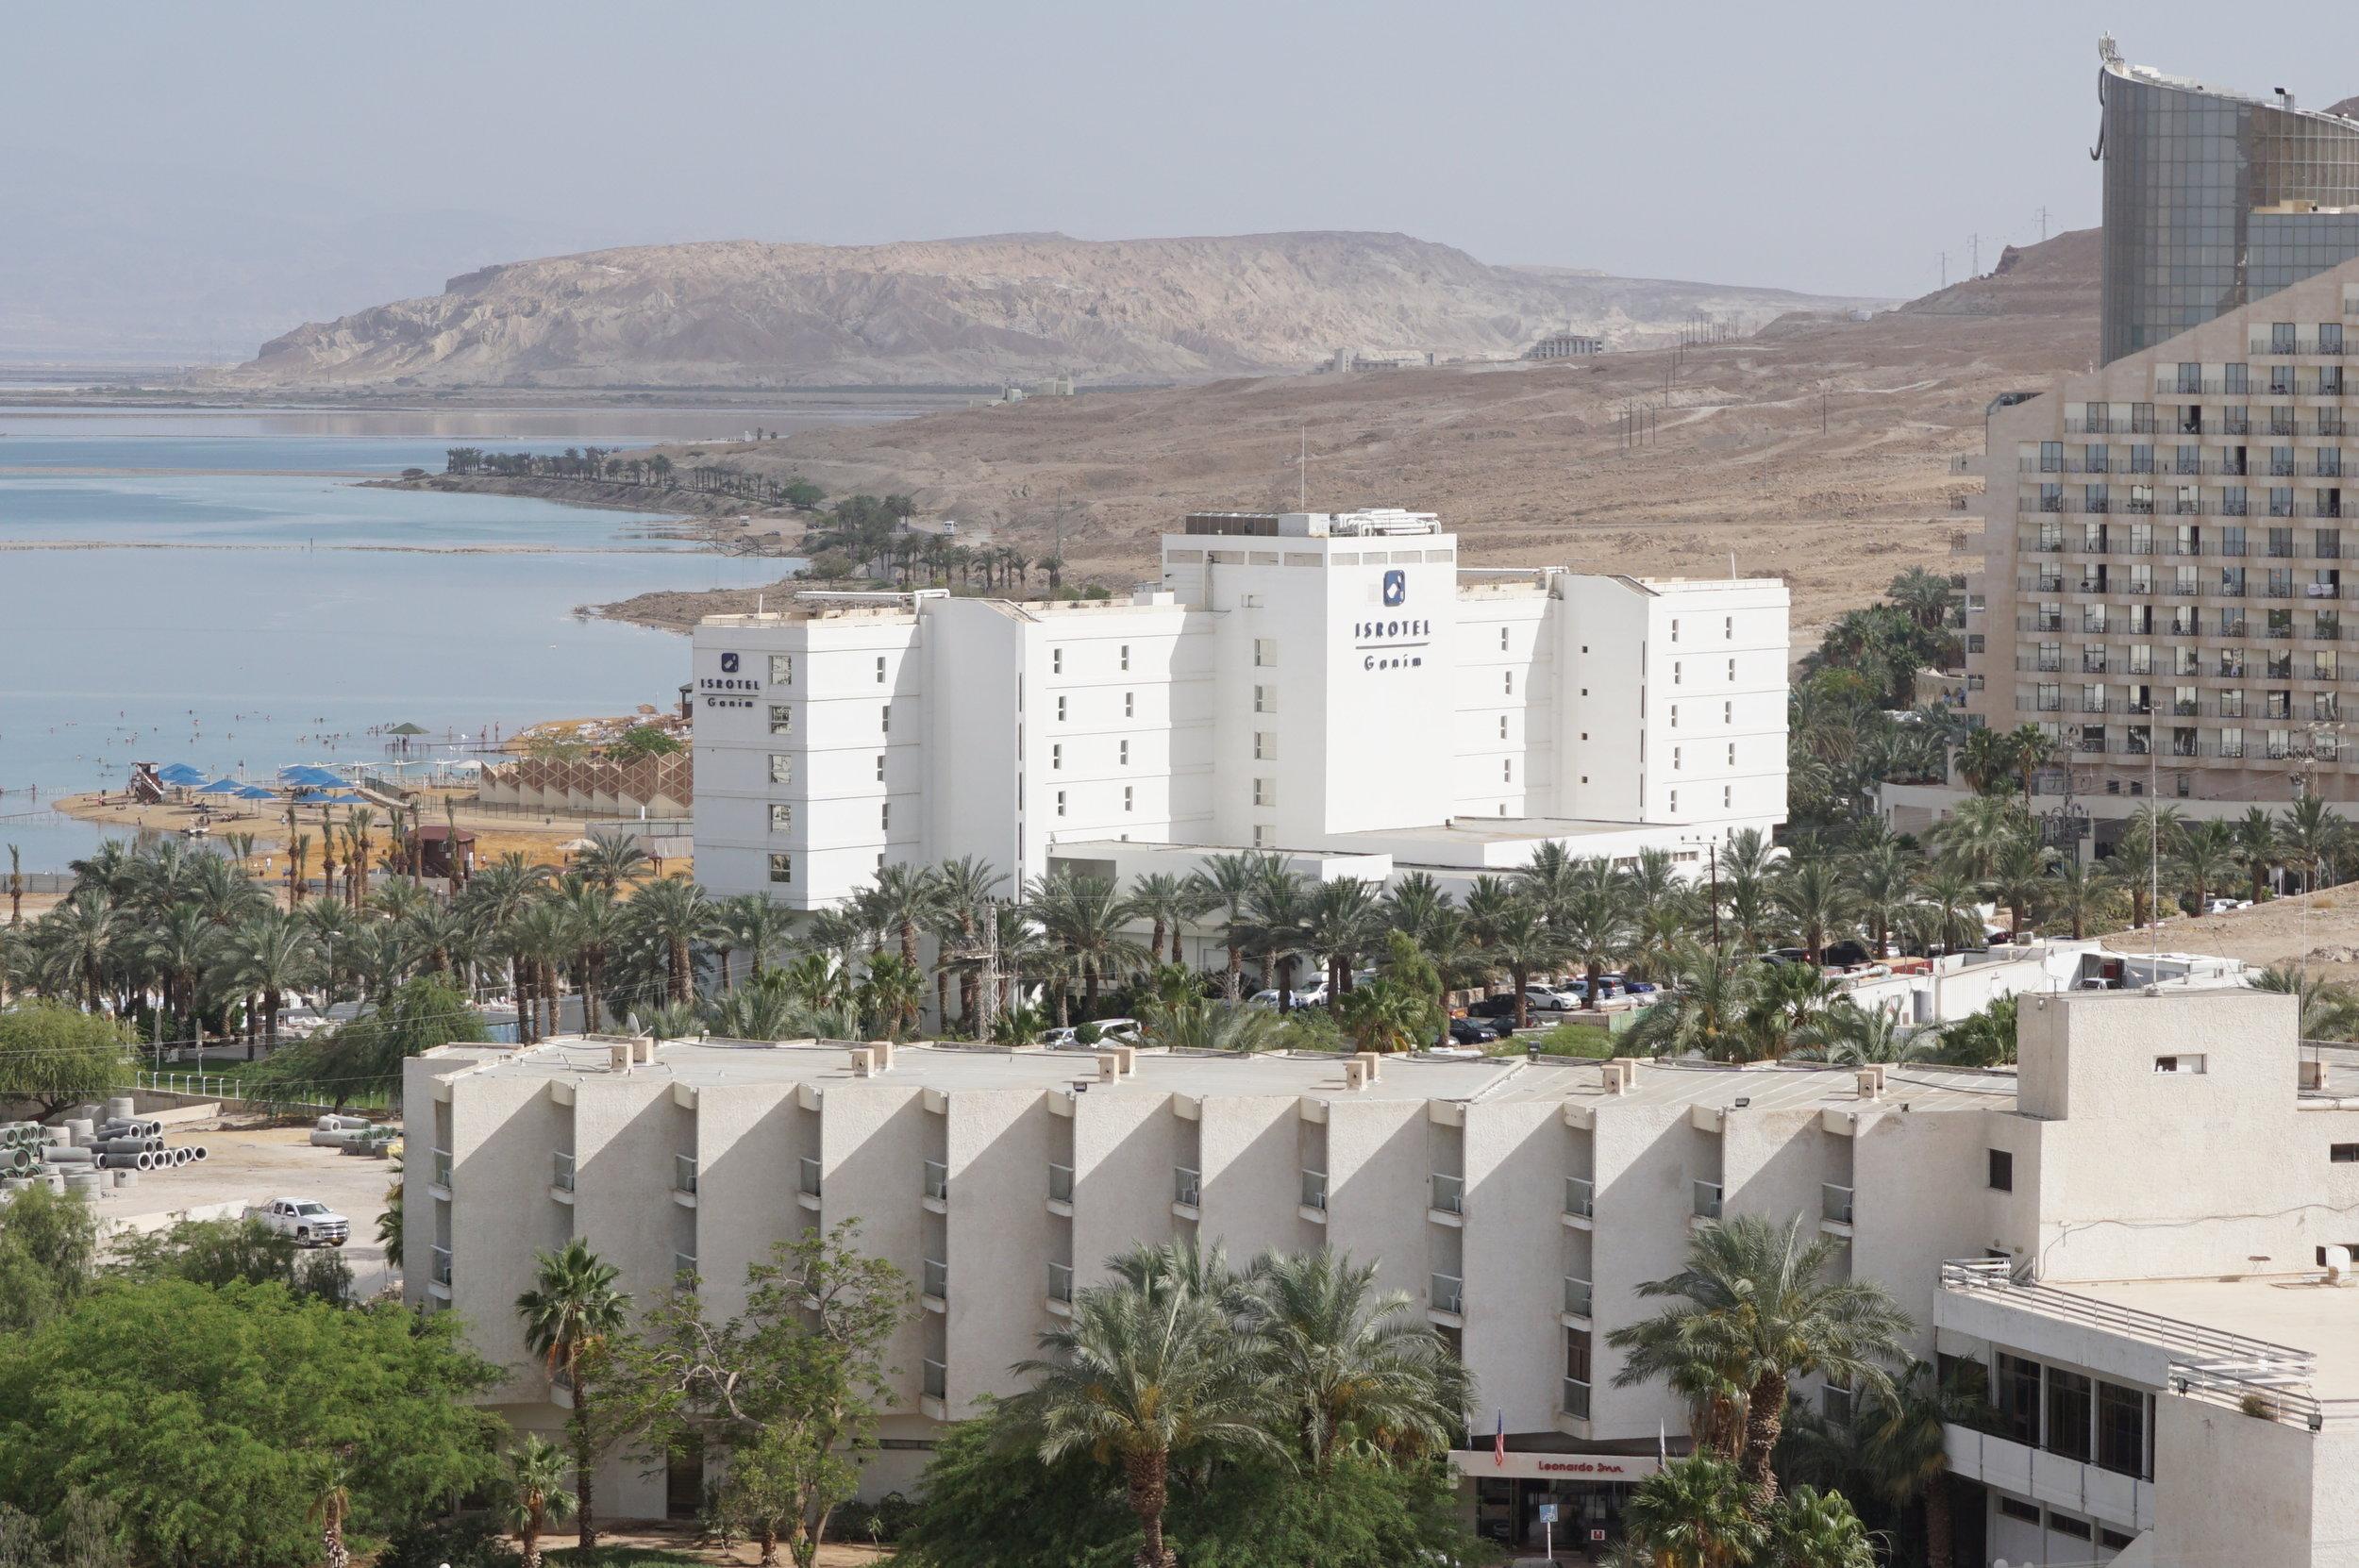 Dead Sea Israel 2.JPG